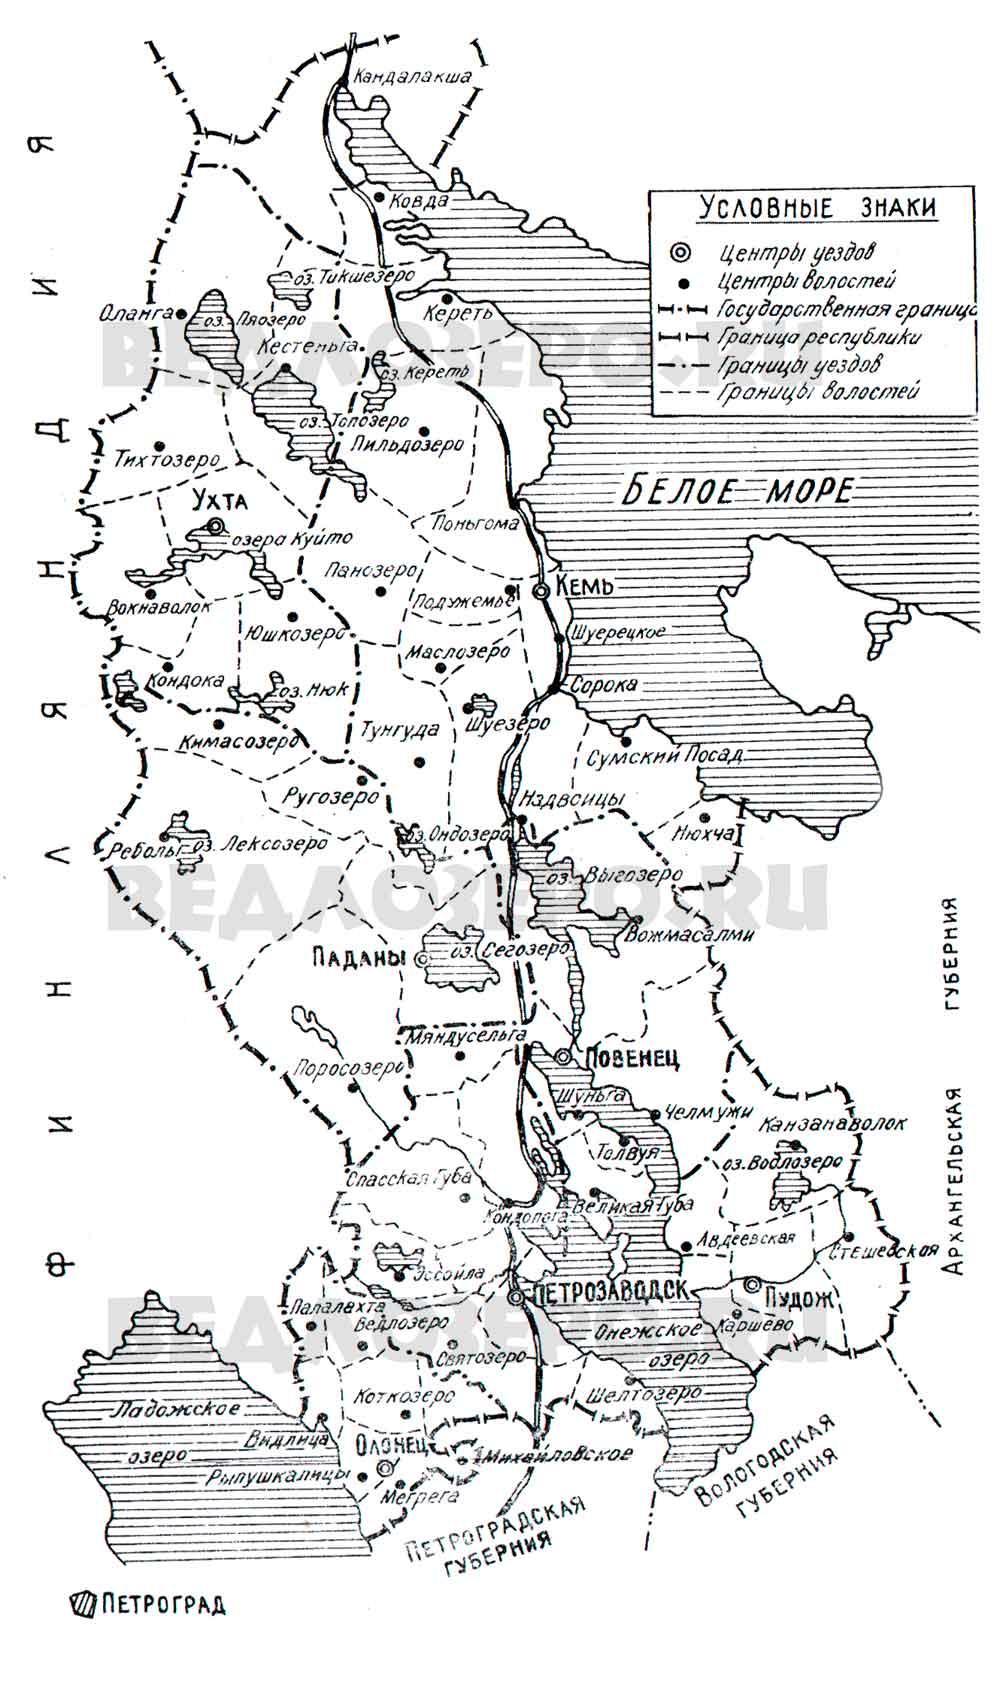 Карта Карельской АССР. 1923 год